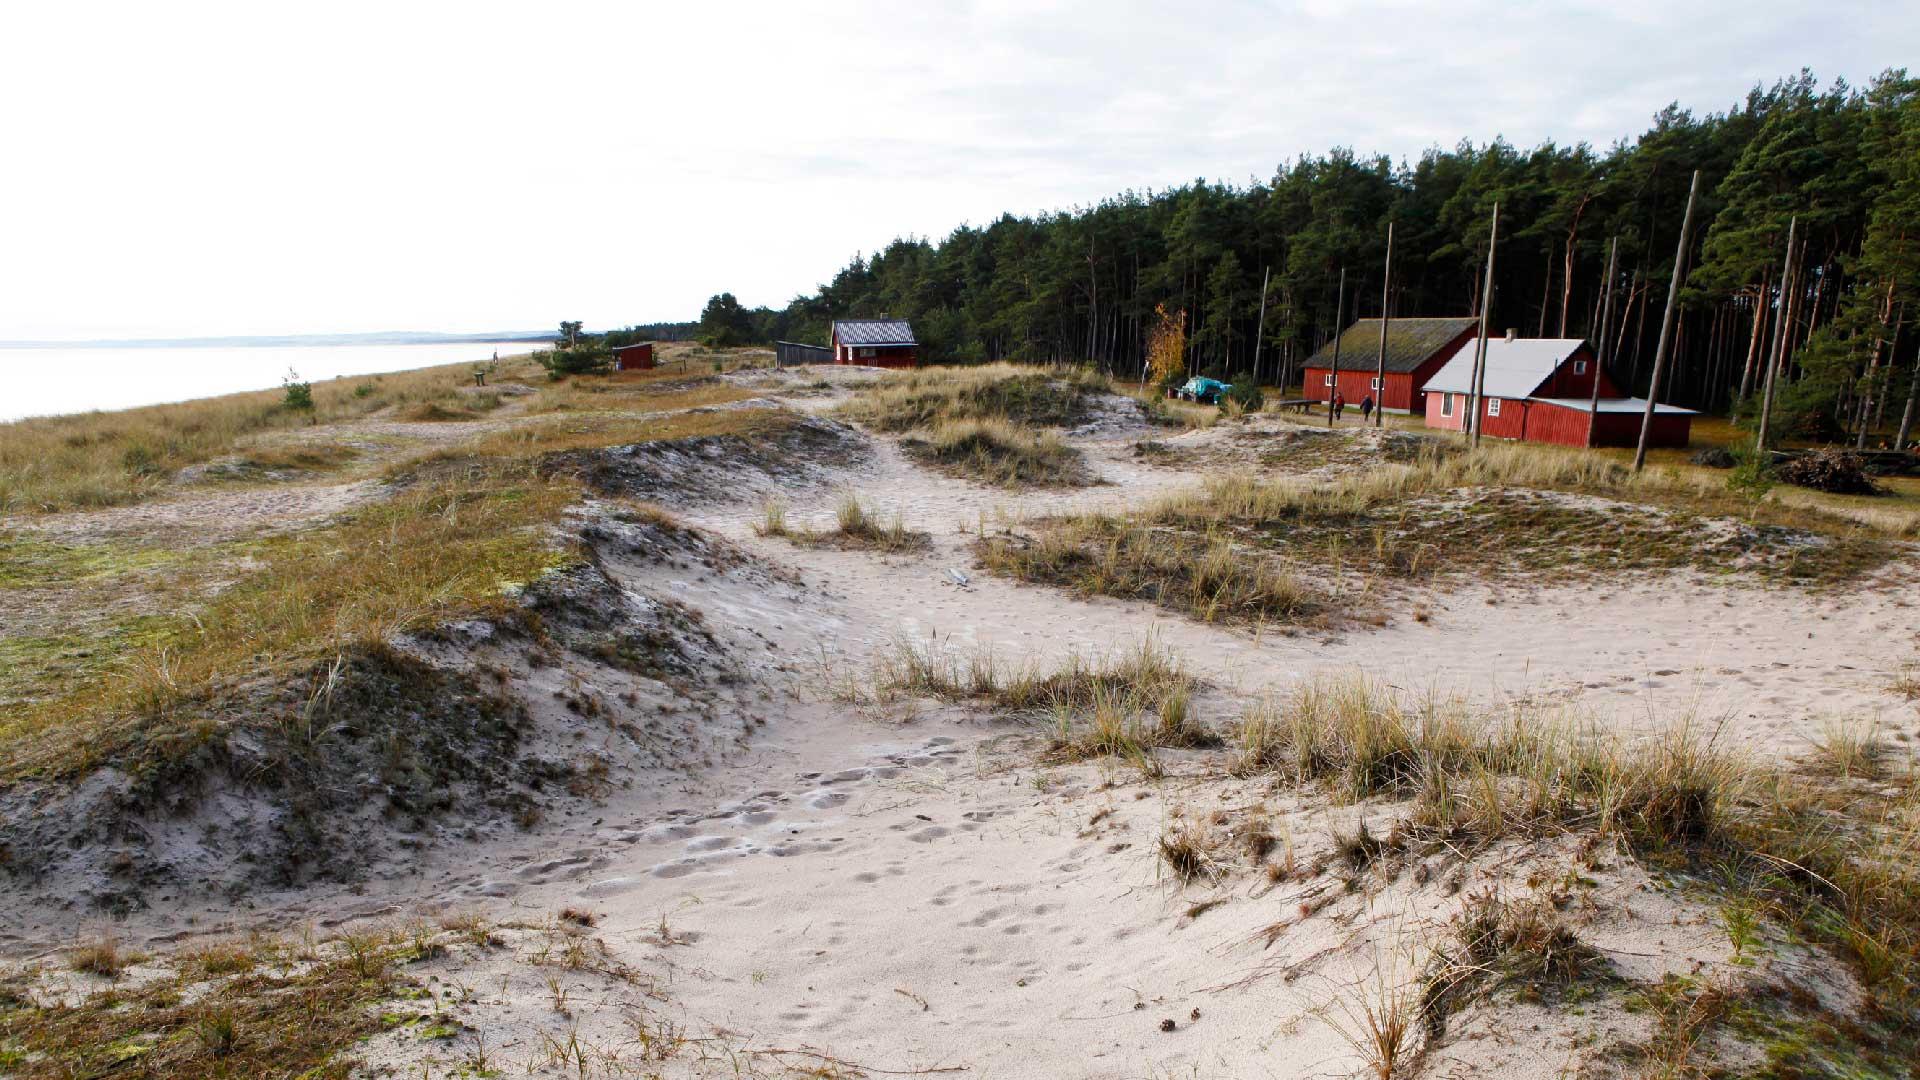 Hansaboden är en av alla ålabodar som ligger längs Hanöbukten - ålakusten. Foto: Patrik Olofsson/N